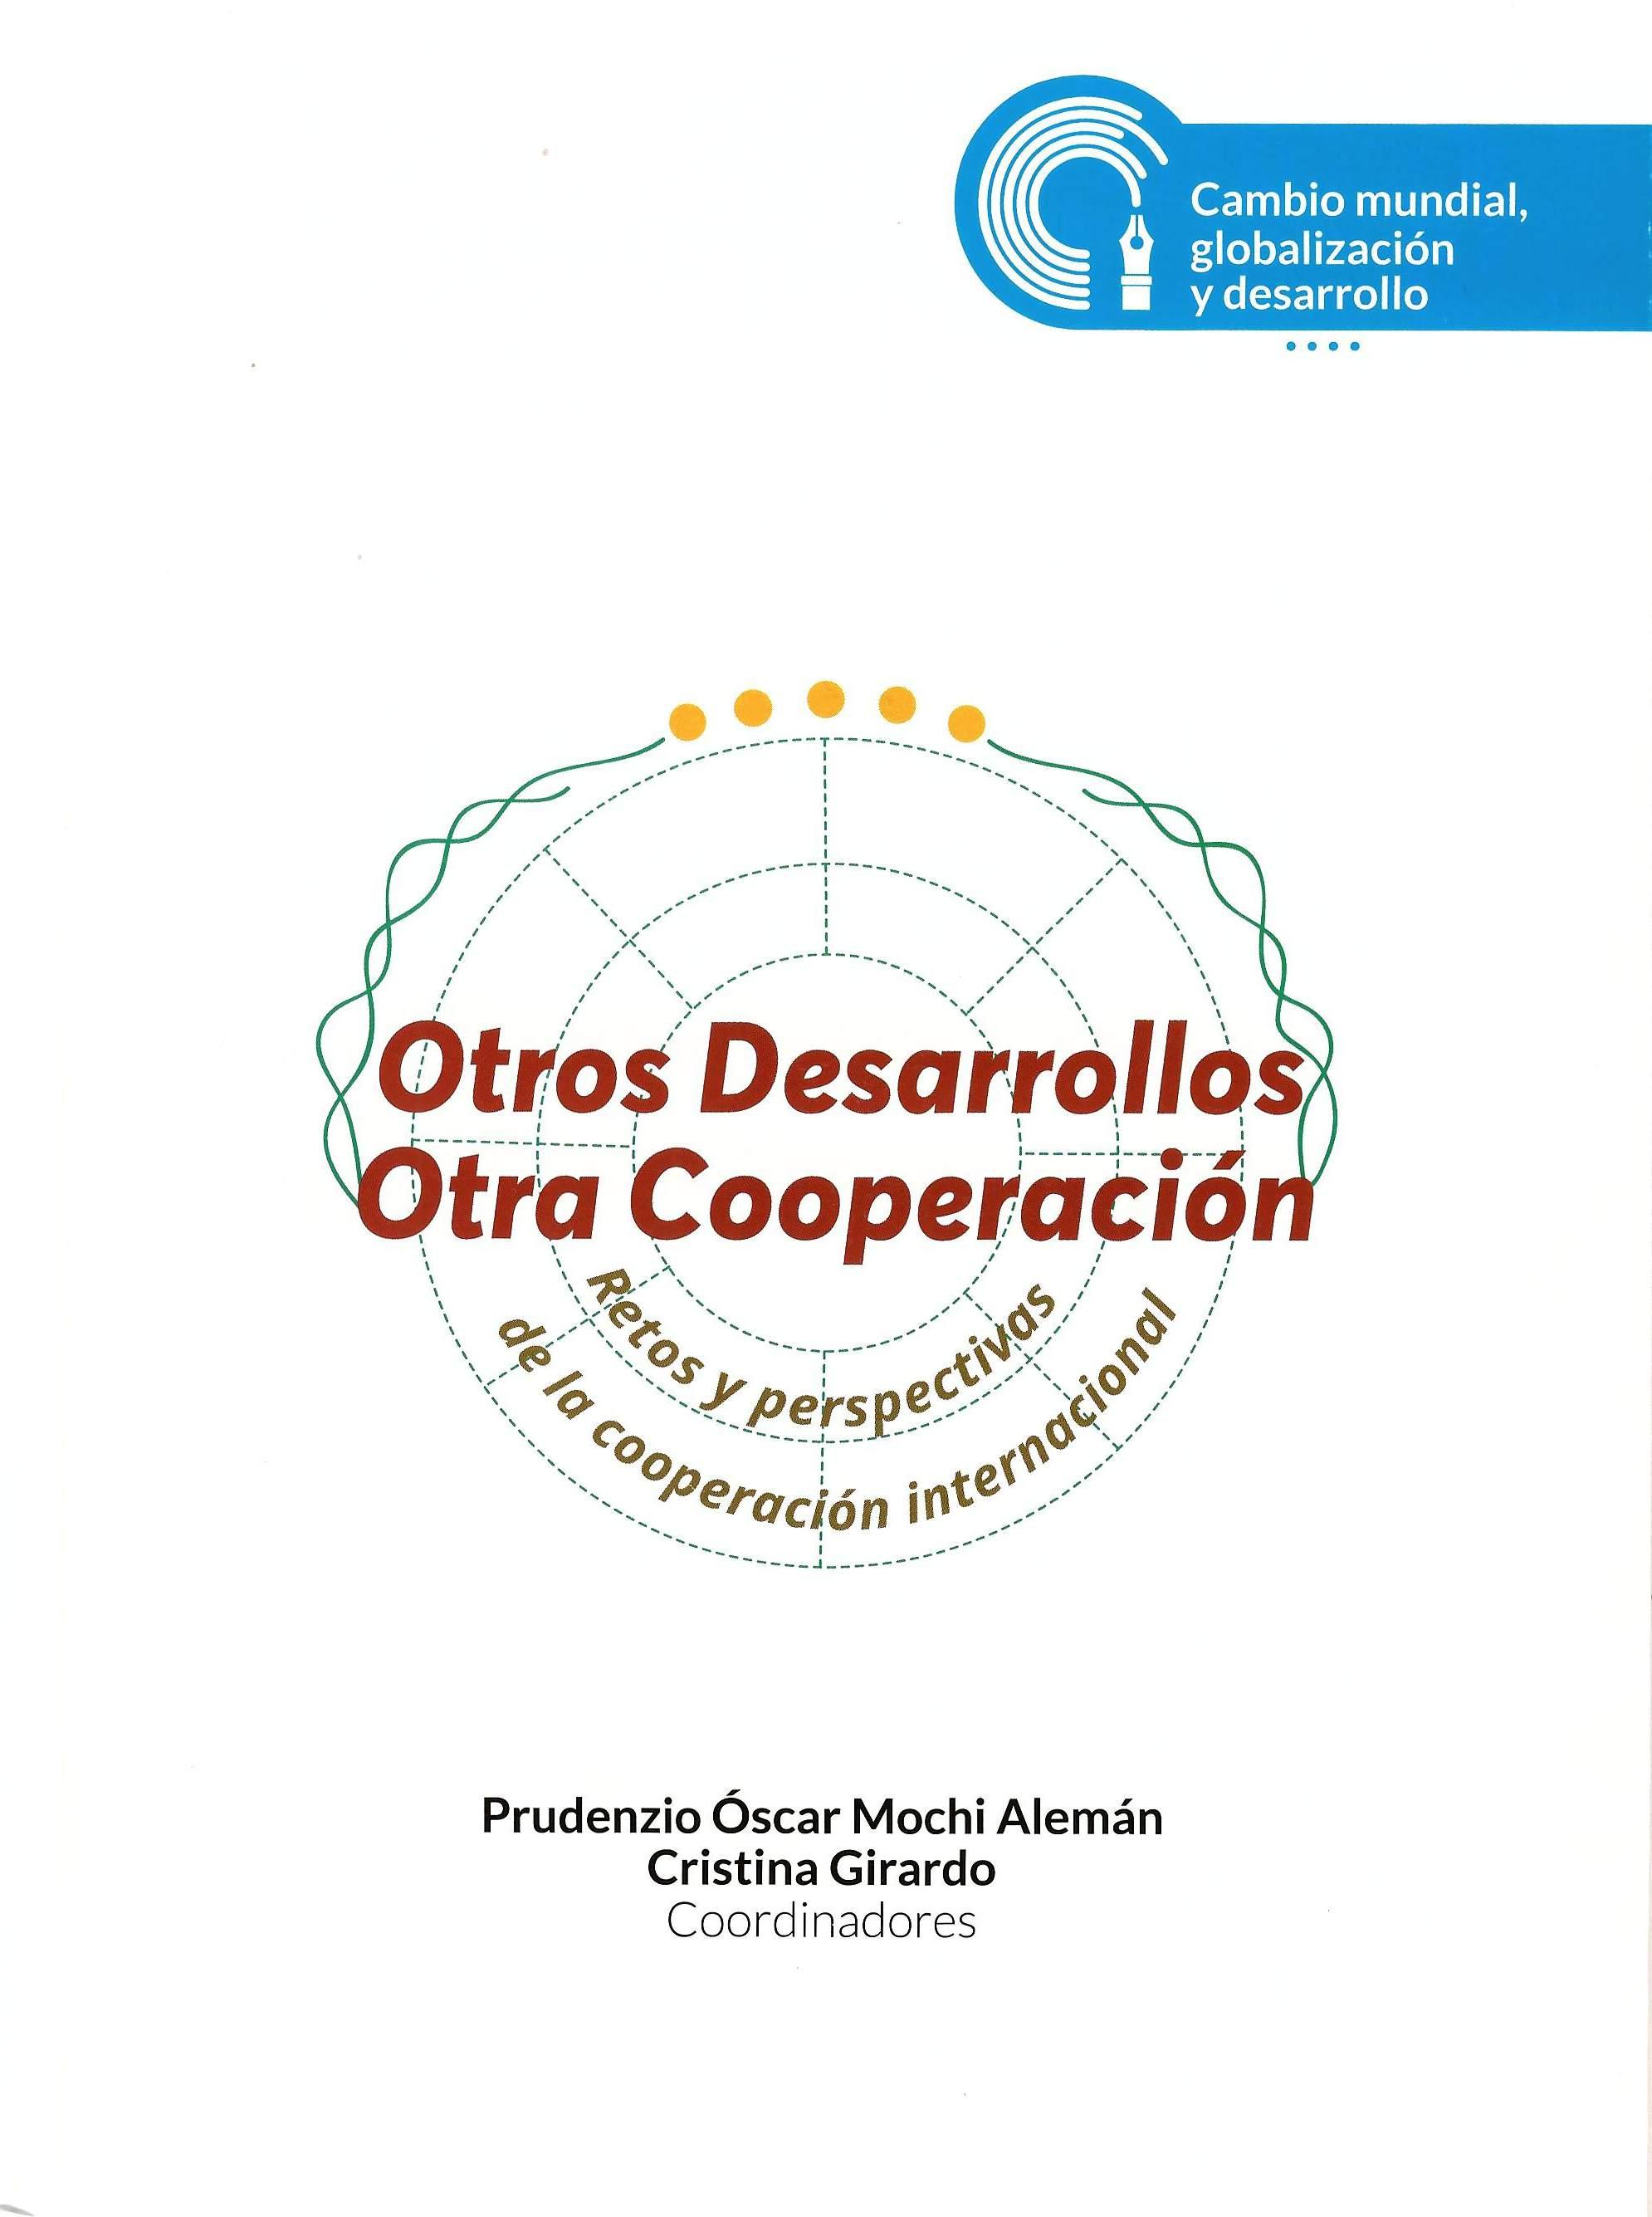 Otros desarrollos, otra cooperación: retos y perspectivas de la cooperación internacional